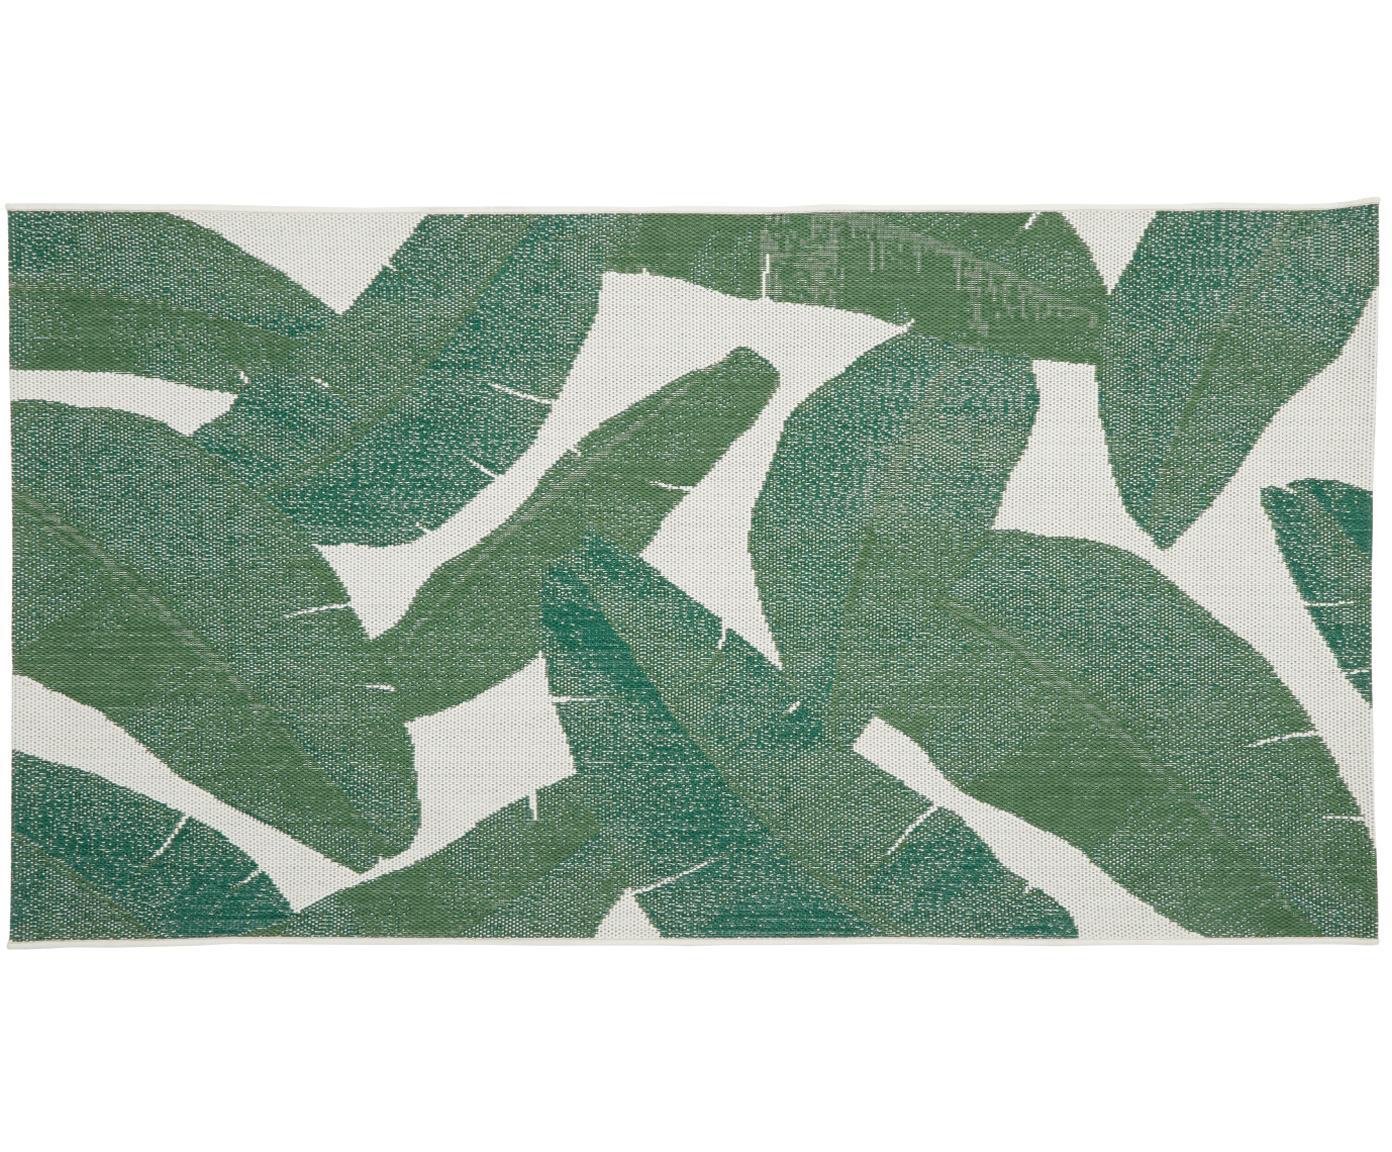 Tappeto da interno-esterno Jungle, Retro: poliestere, Bianco crema, verde, Larg. 80 x Lung. 150 cm (taglia XS)